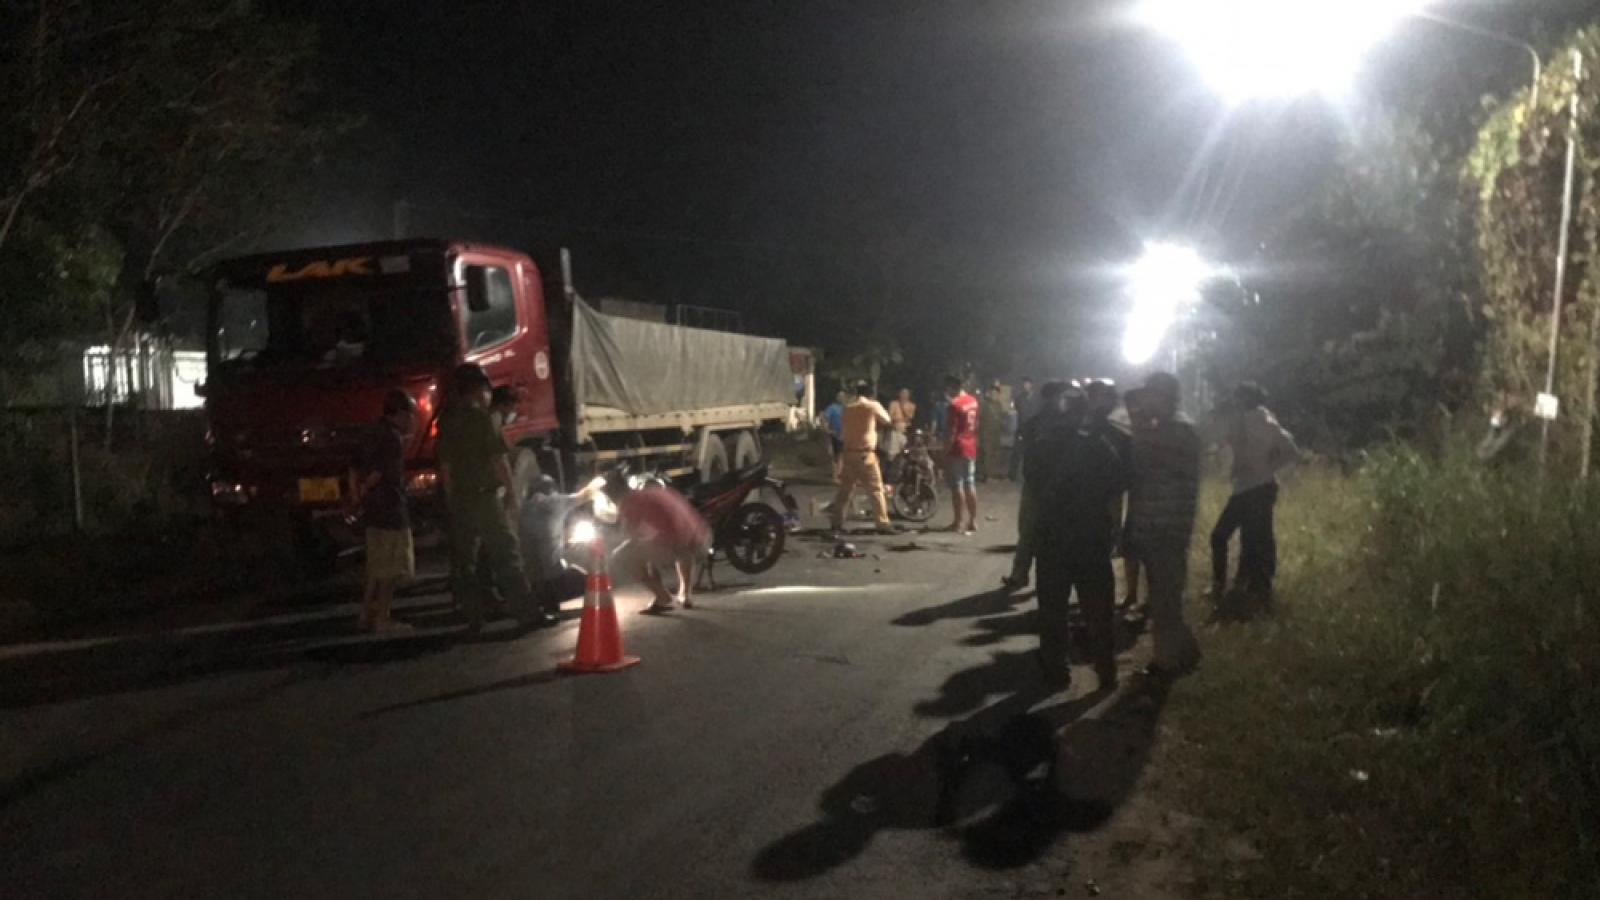 Liên tiếp xảy ra tai nạn giao thông ở Bình Phước, Bình Dươngkhiến 5 người thương vong